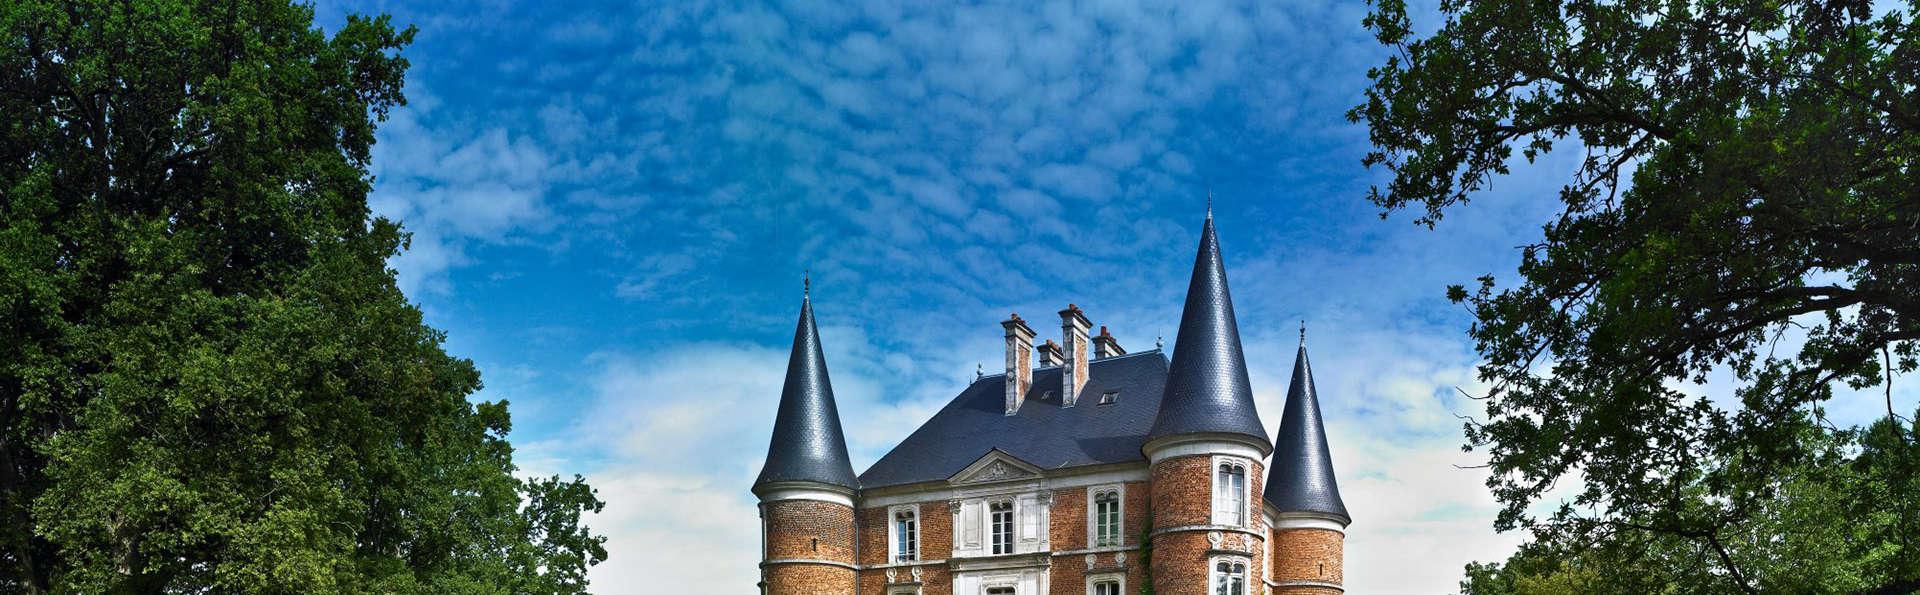 Château d'Apigné - EDIT_front2.jpg